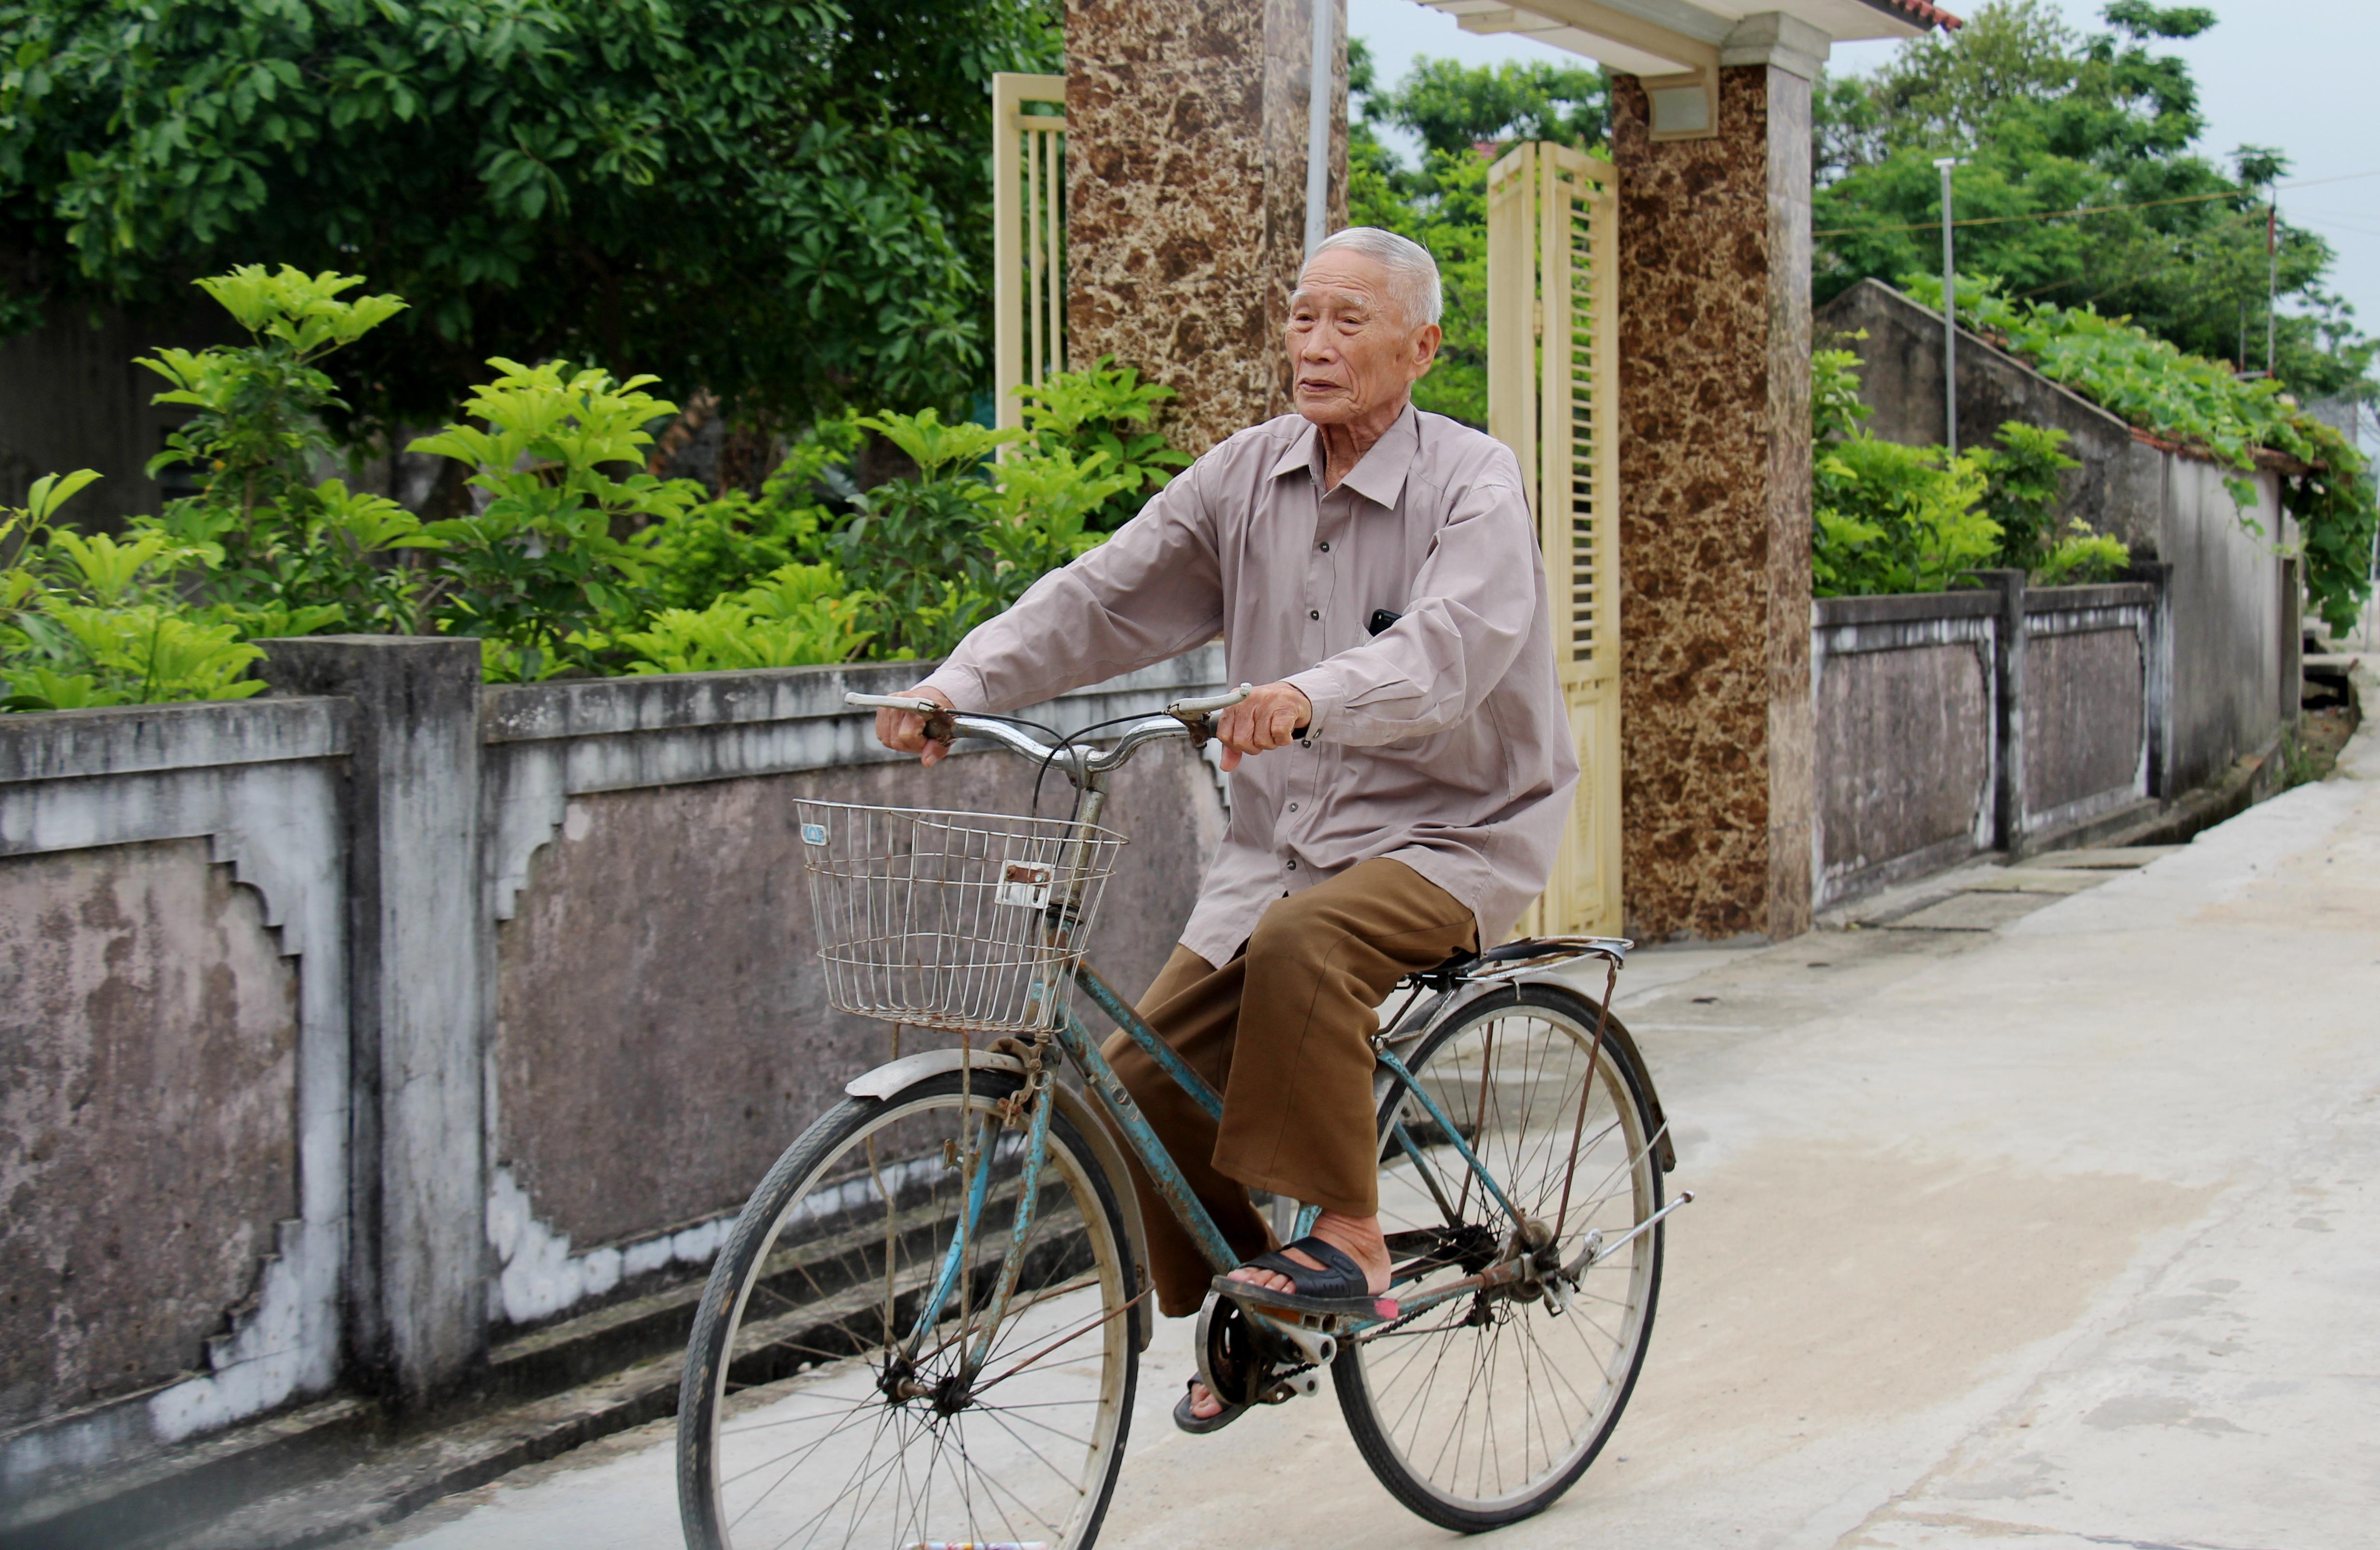 5 chị em đặc biệt ở Hà Tĩnh: Tuổi từ 85 đến 97, sống khỏe mạnh và minh mẫn - 4